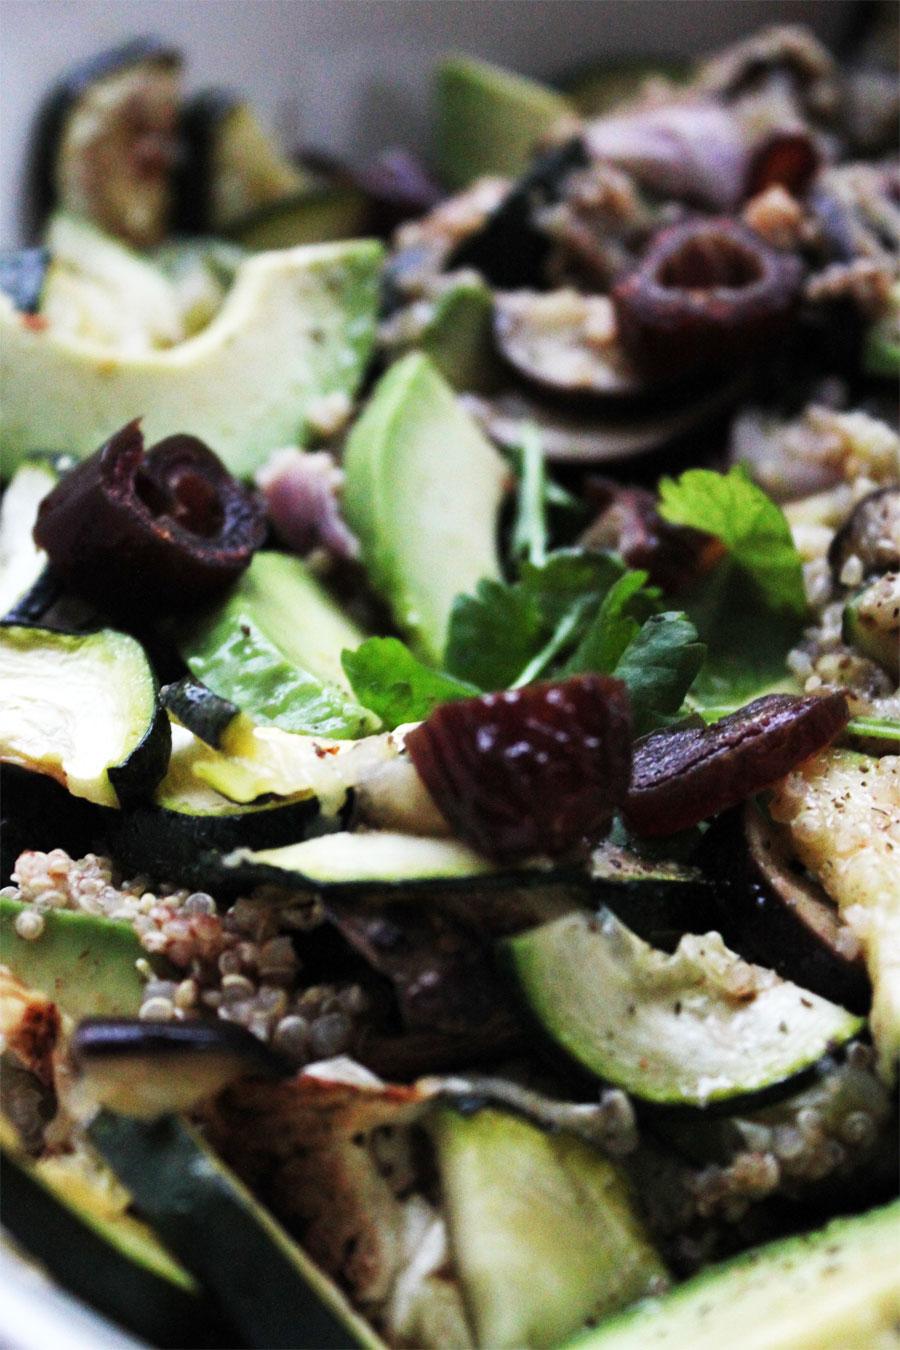 kvinnoa-salatti2.jpg